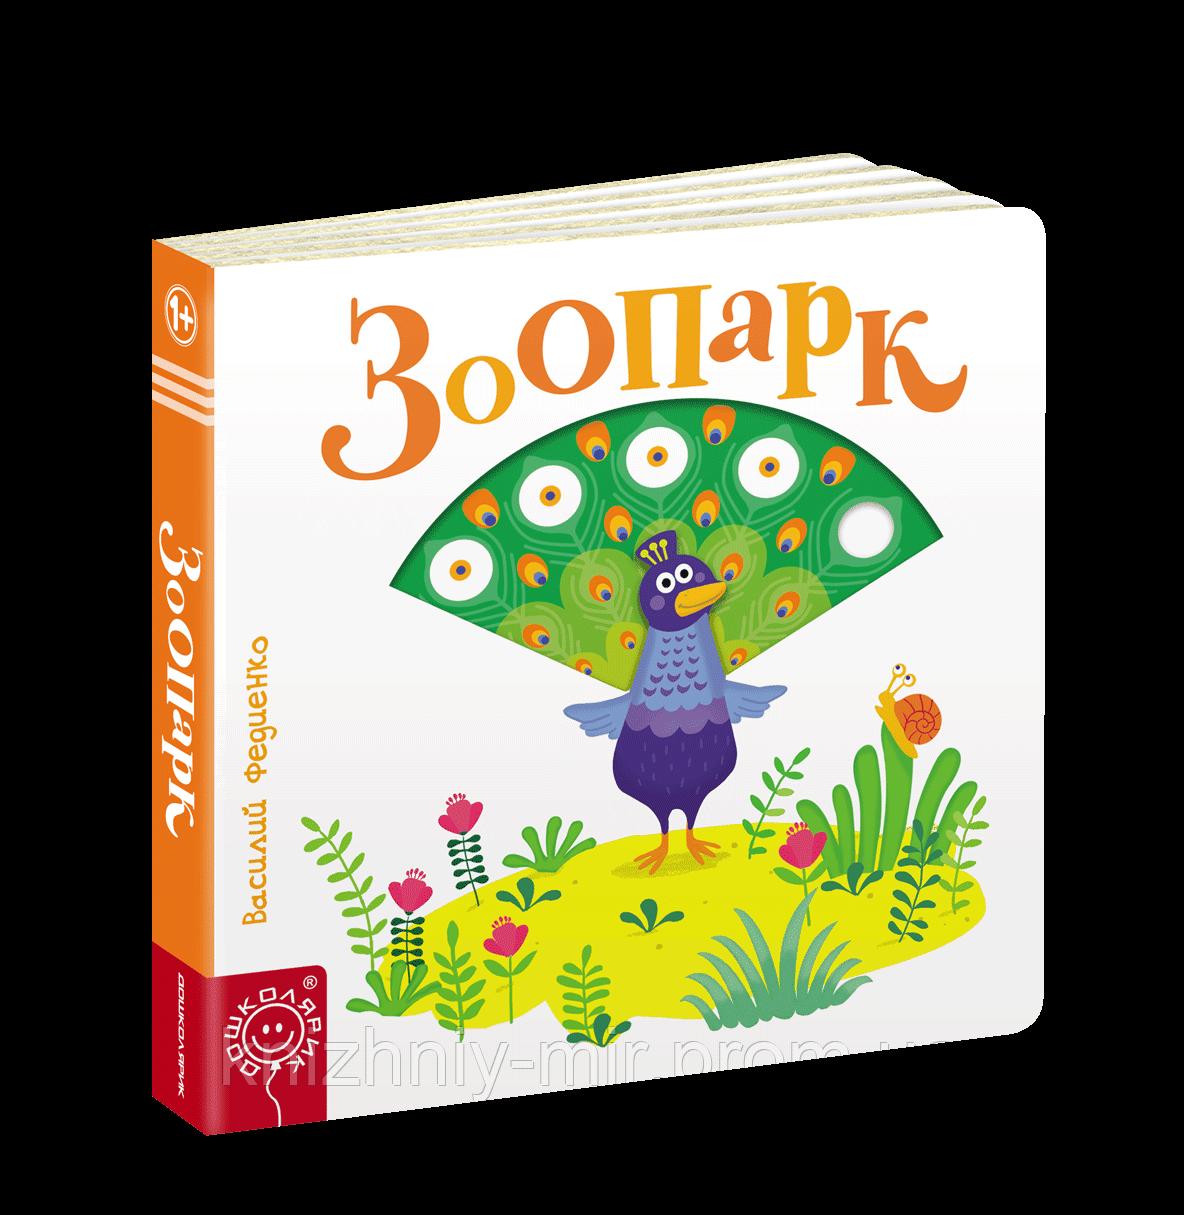 Розвивальні книжки на картоні Зоопарк (російською мовою).